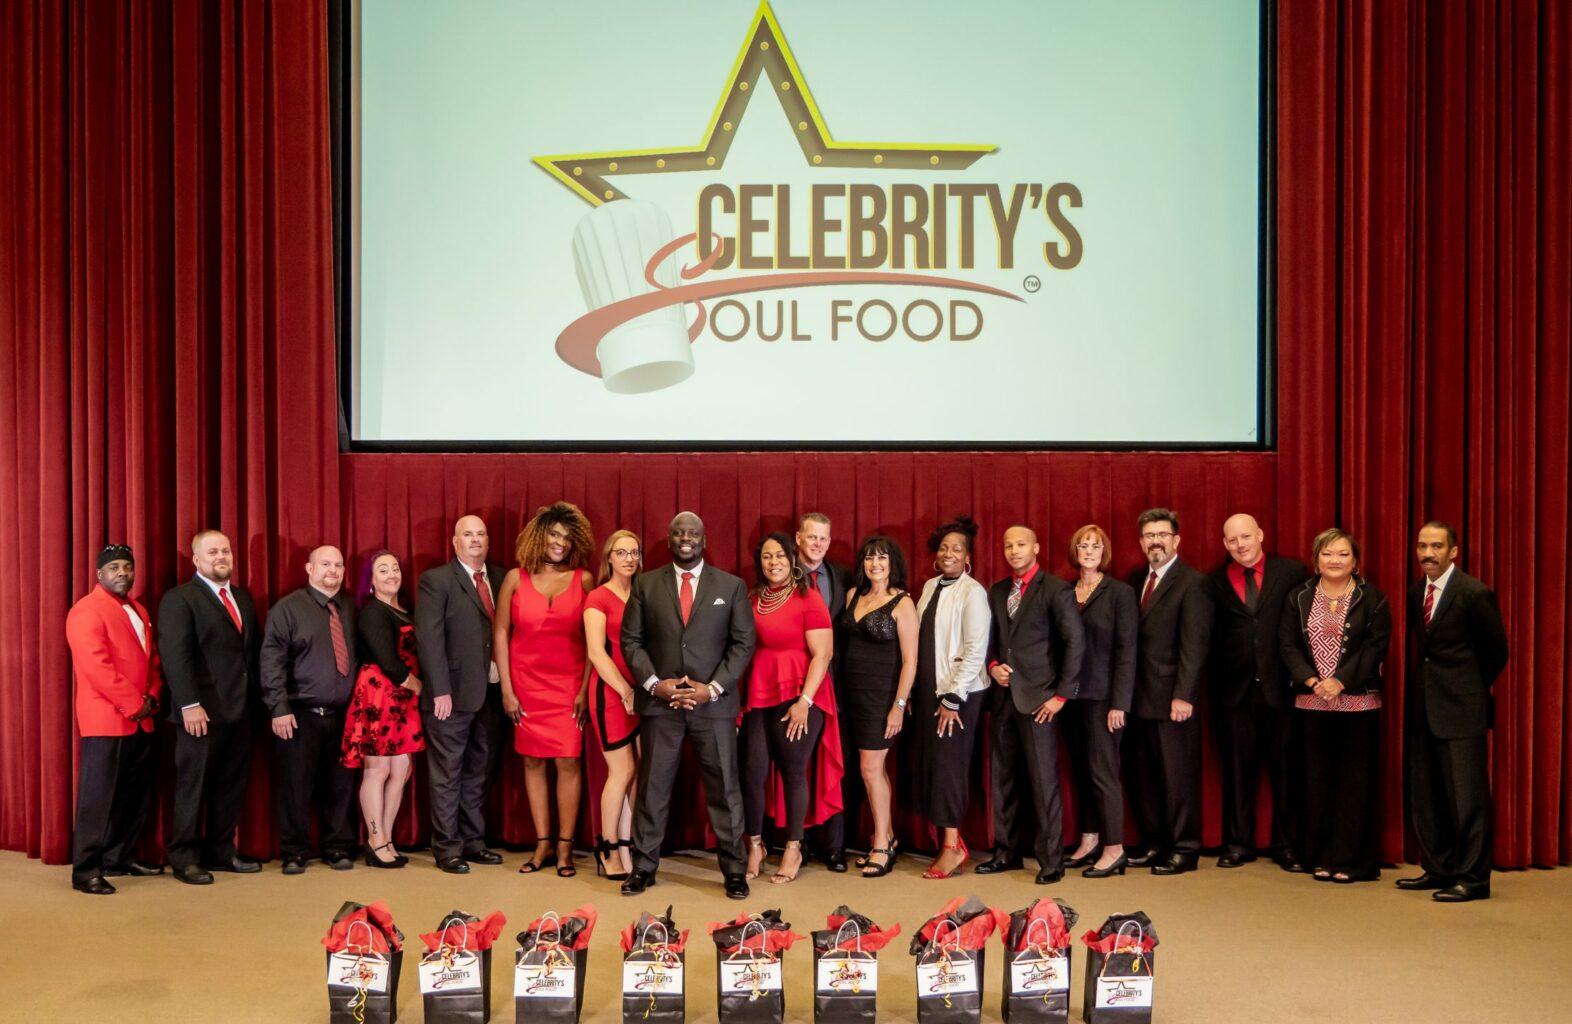 Celebrity's Soul Food Walk of Fame Group